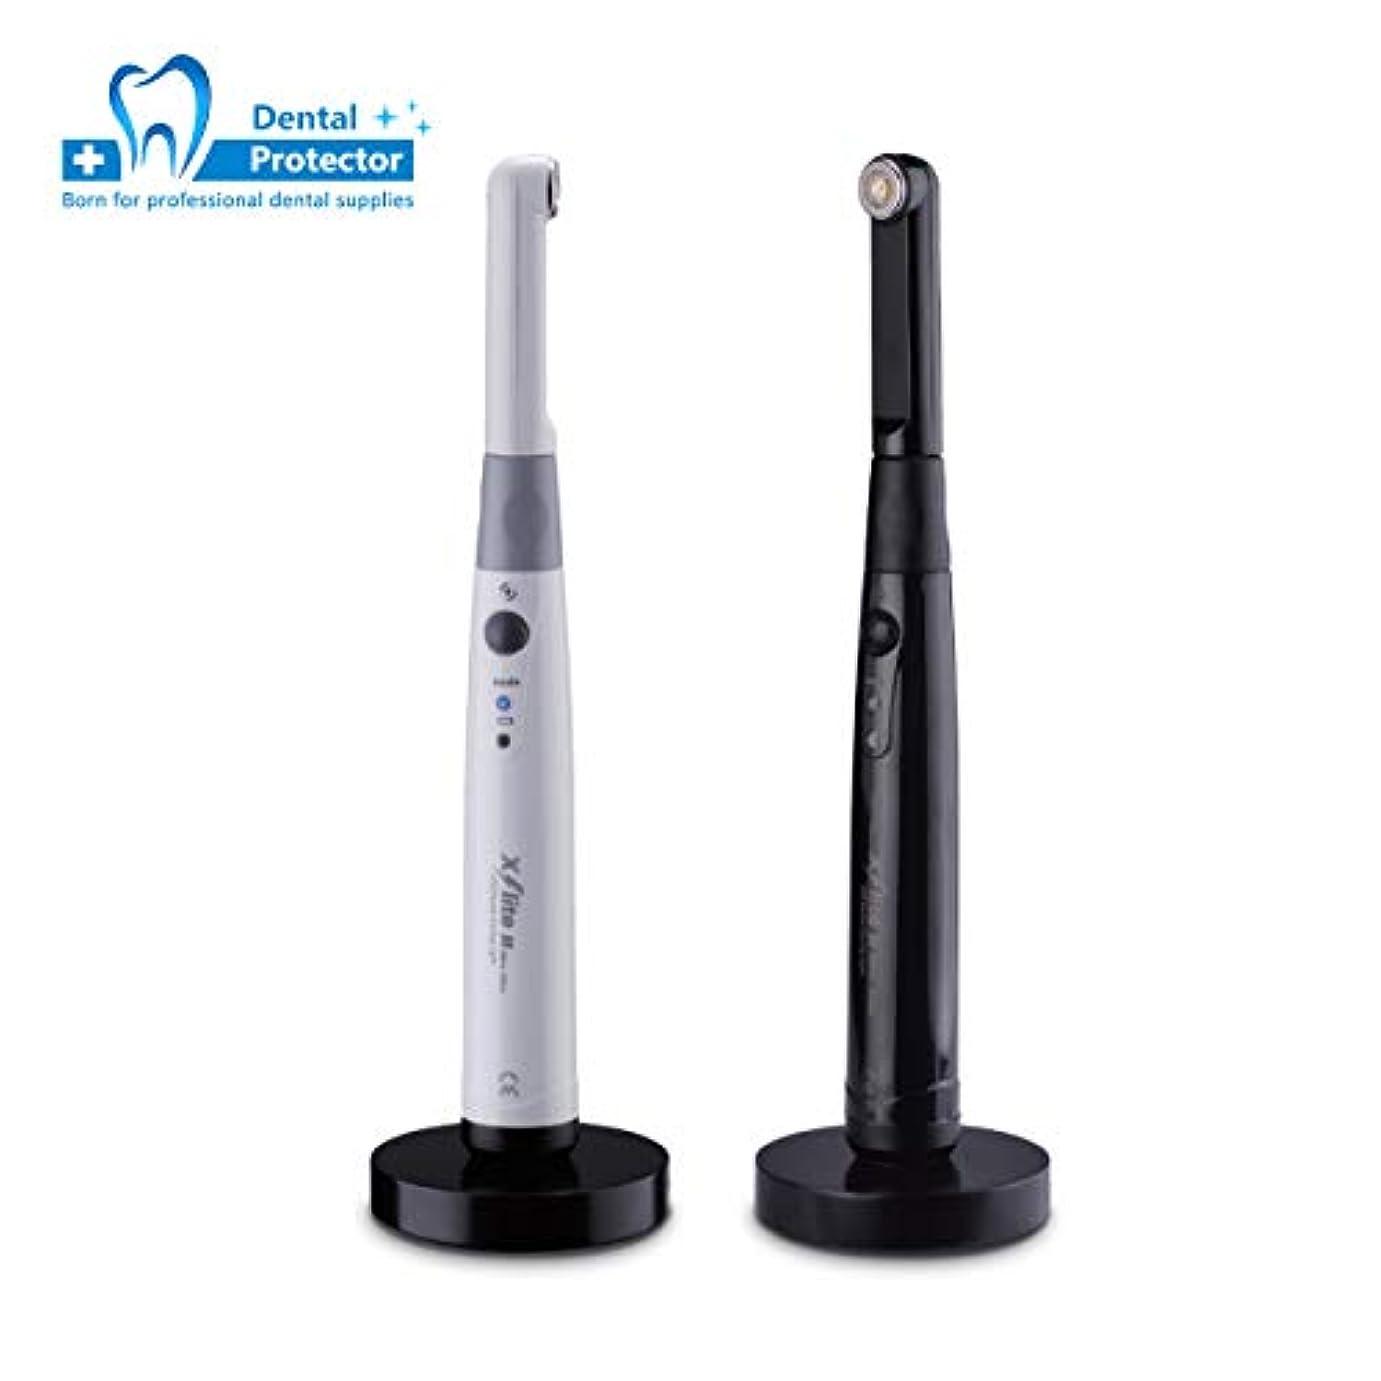 自体不機嫌そうな教育者歯科のための3H X-lite 2歯科LEDライト治療ランプ機械無線電信1700 mwの白